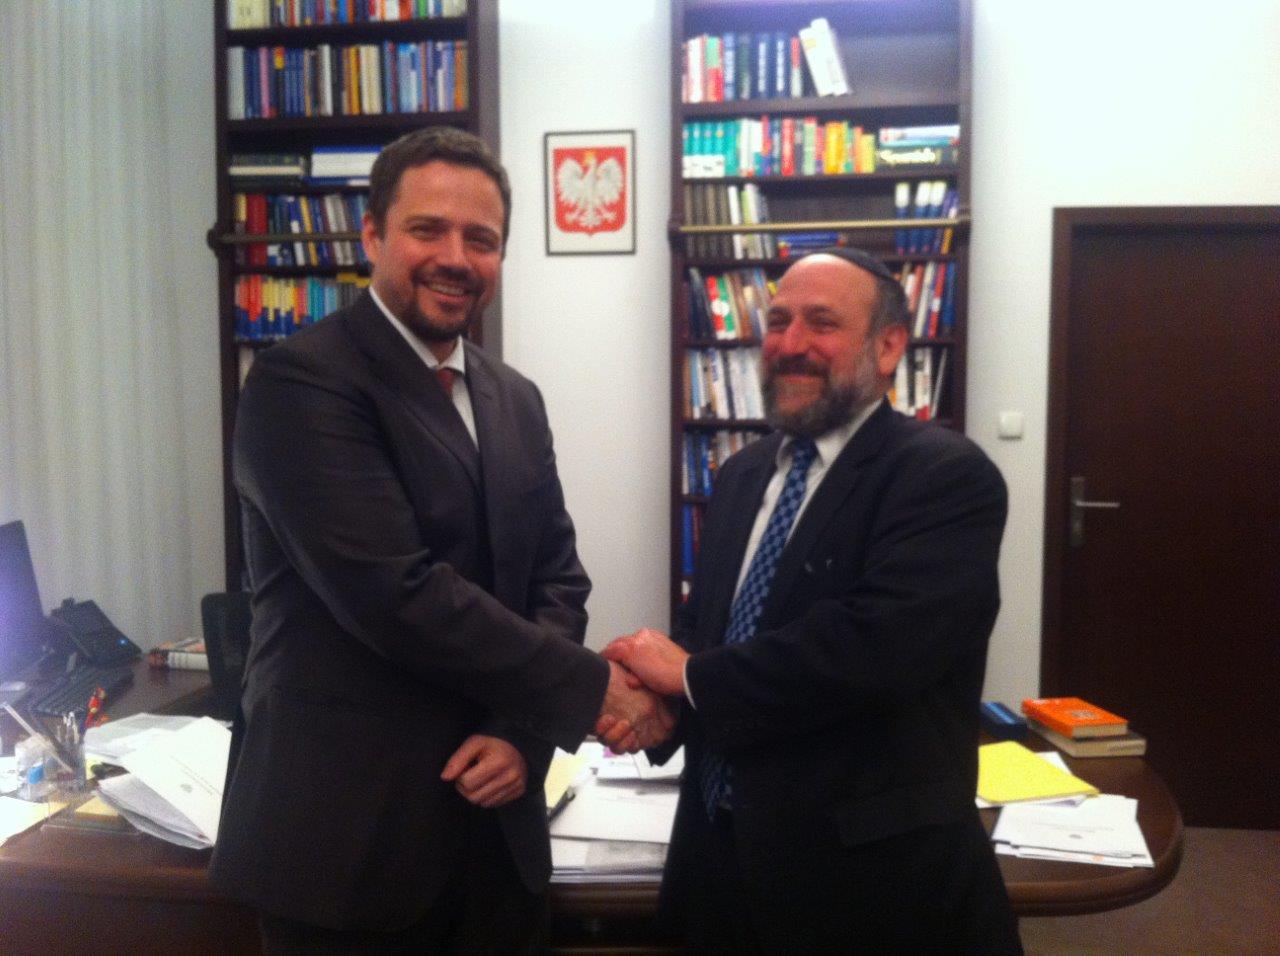 הרב שודריך ושר האדמניסטרציה החדש הממונה על הדתות זורצביצקי במפגש בפולין